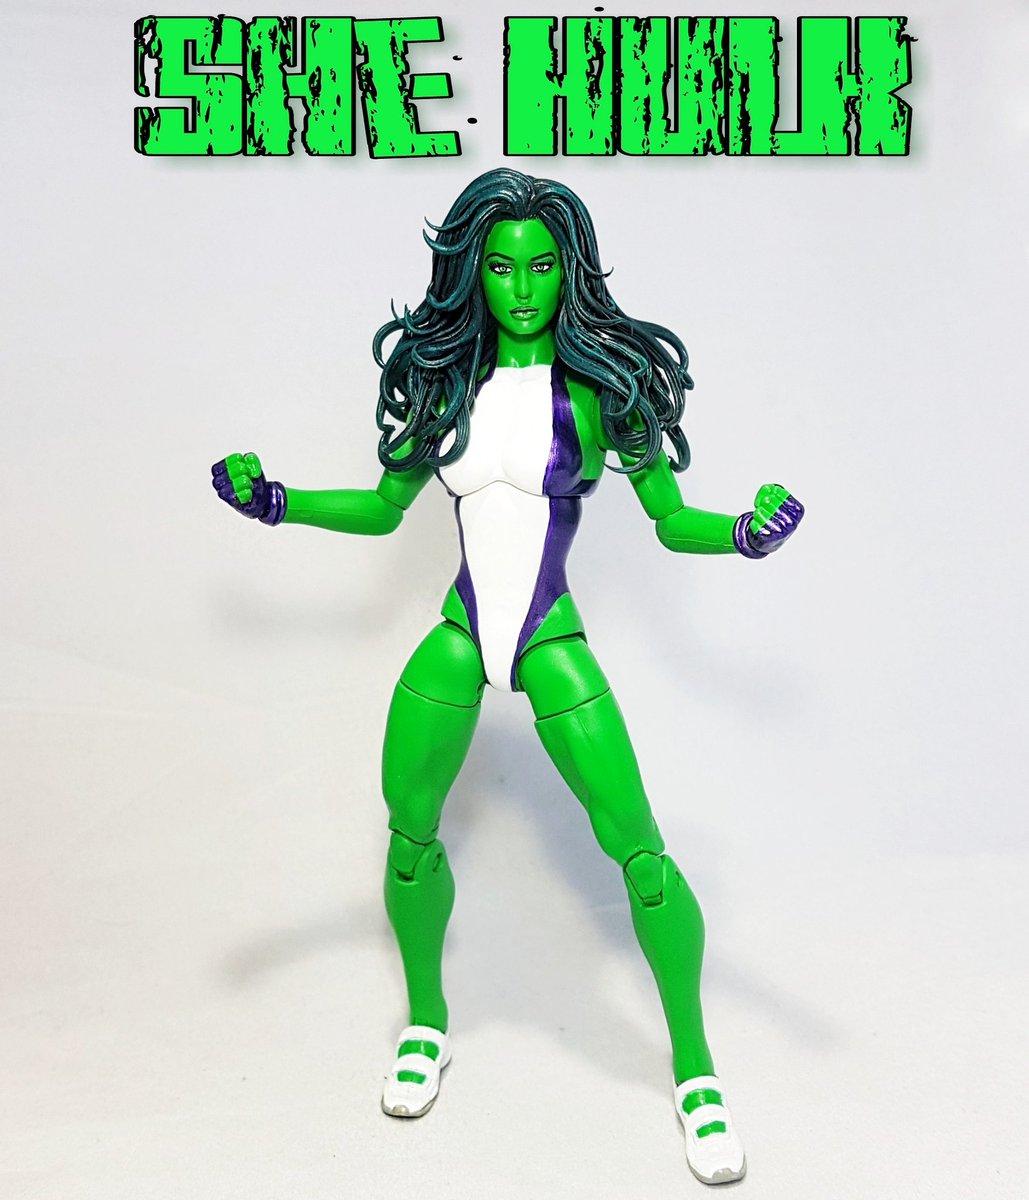 The sensational she hulk made for a client here in Australia enjoy  #shehulk #hulk  #marvellegends #customactionfigure #marvel #marvelcomics<br>http://pic.twitter.com/mdsGh1lWSV